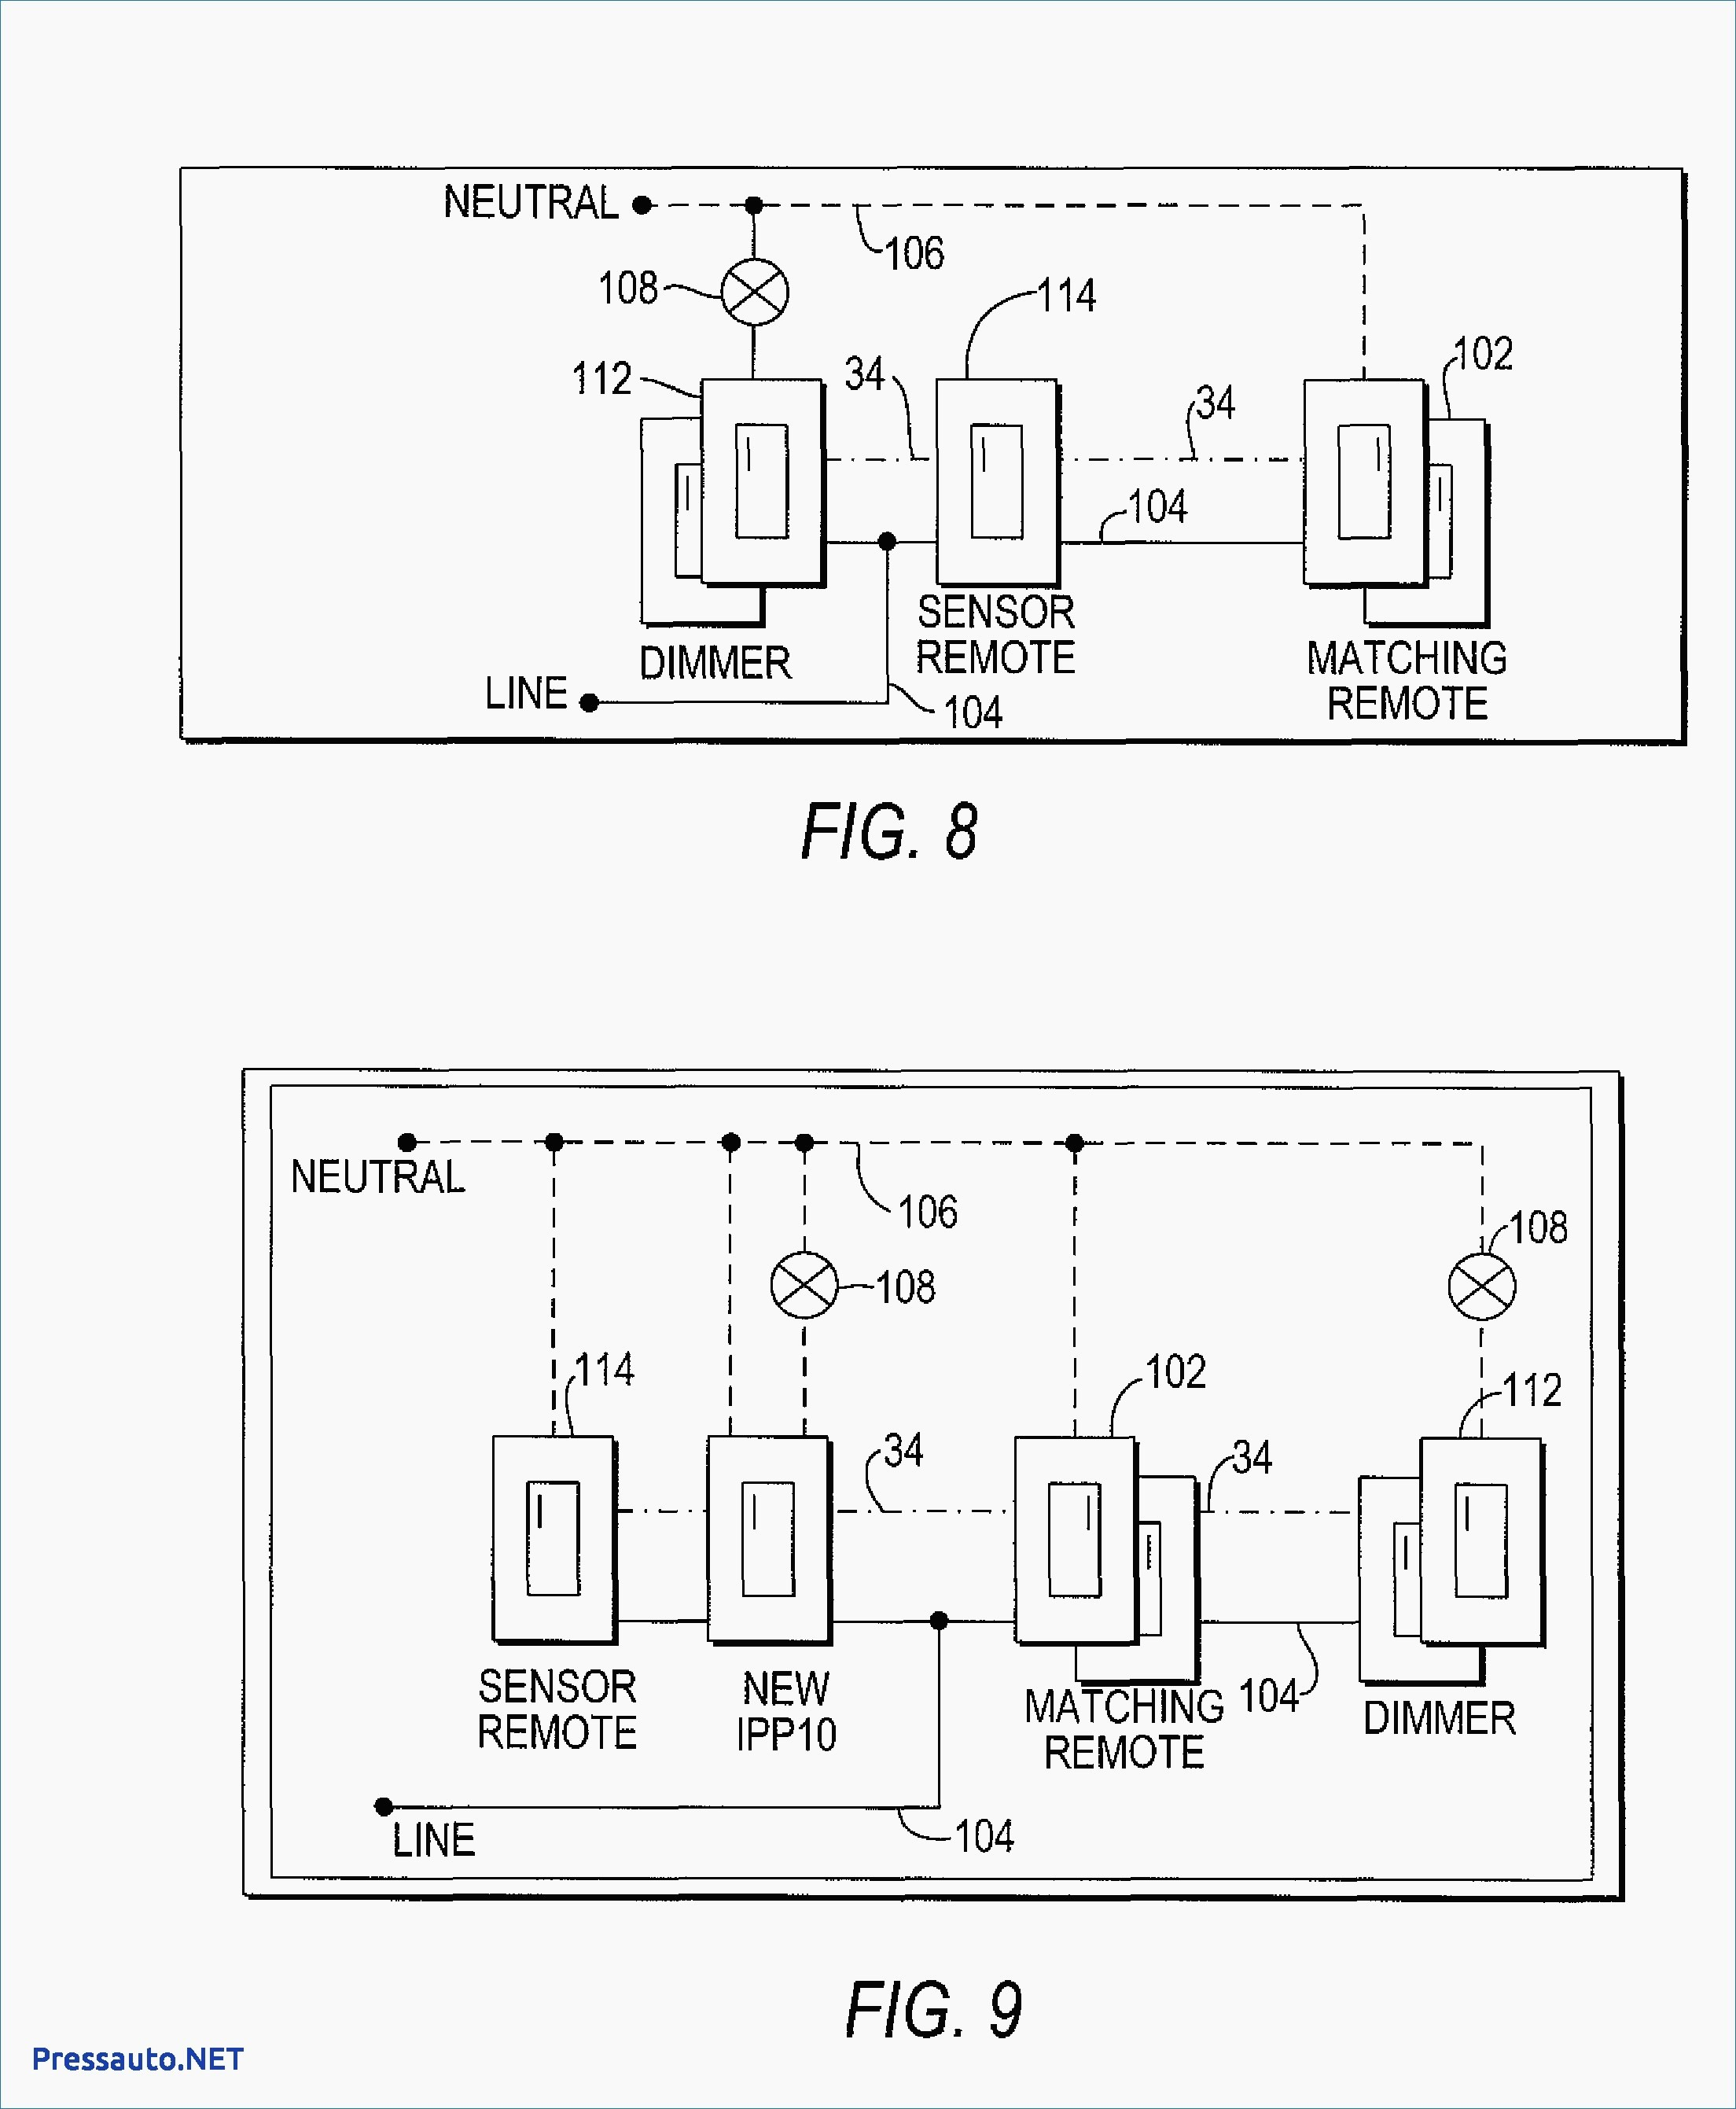 lutron maestro 3 way dimmer wiring diagram wiring diagram Lutron CL Dimmer Wiring